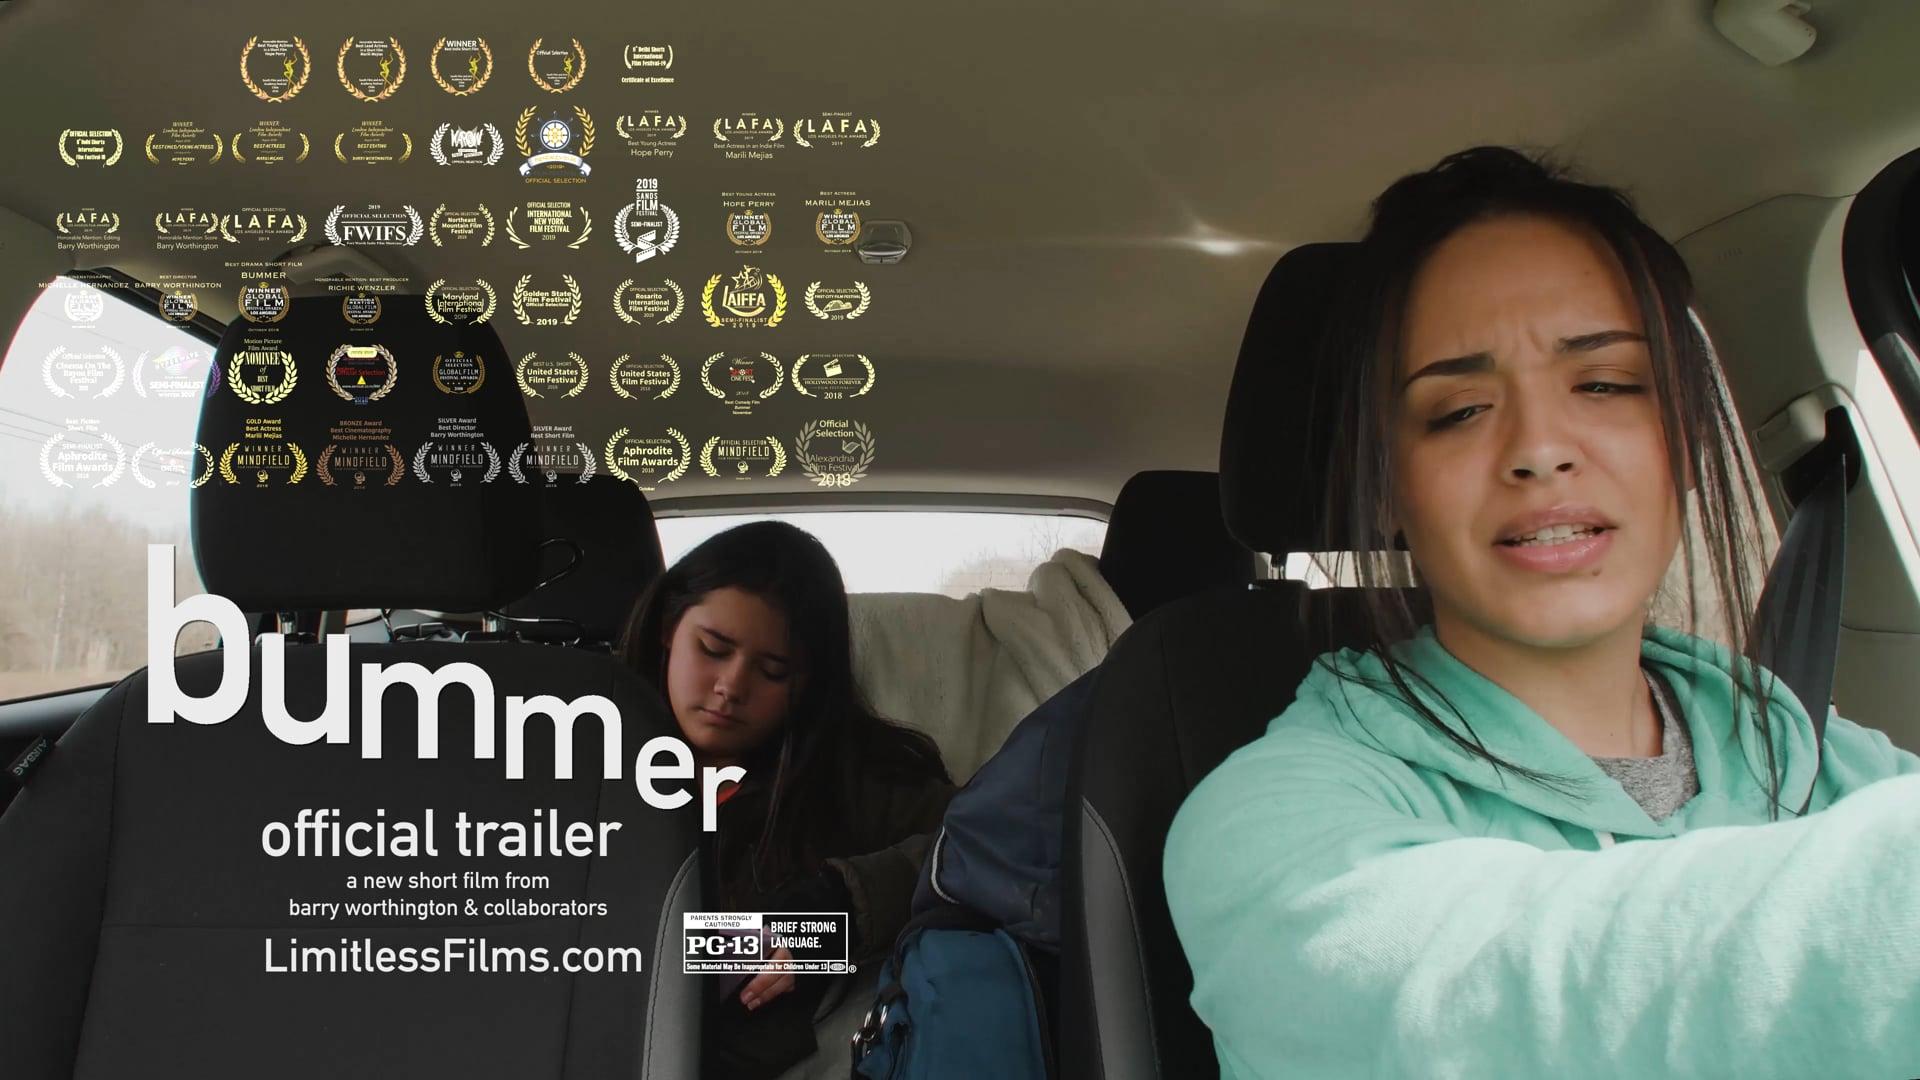 Bummer Official Trailer (Vimeo on Demand)